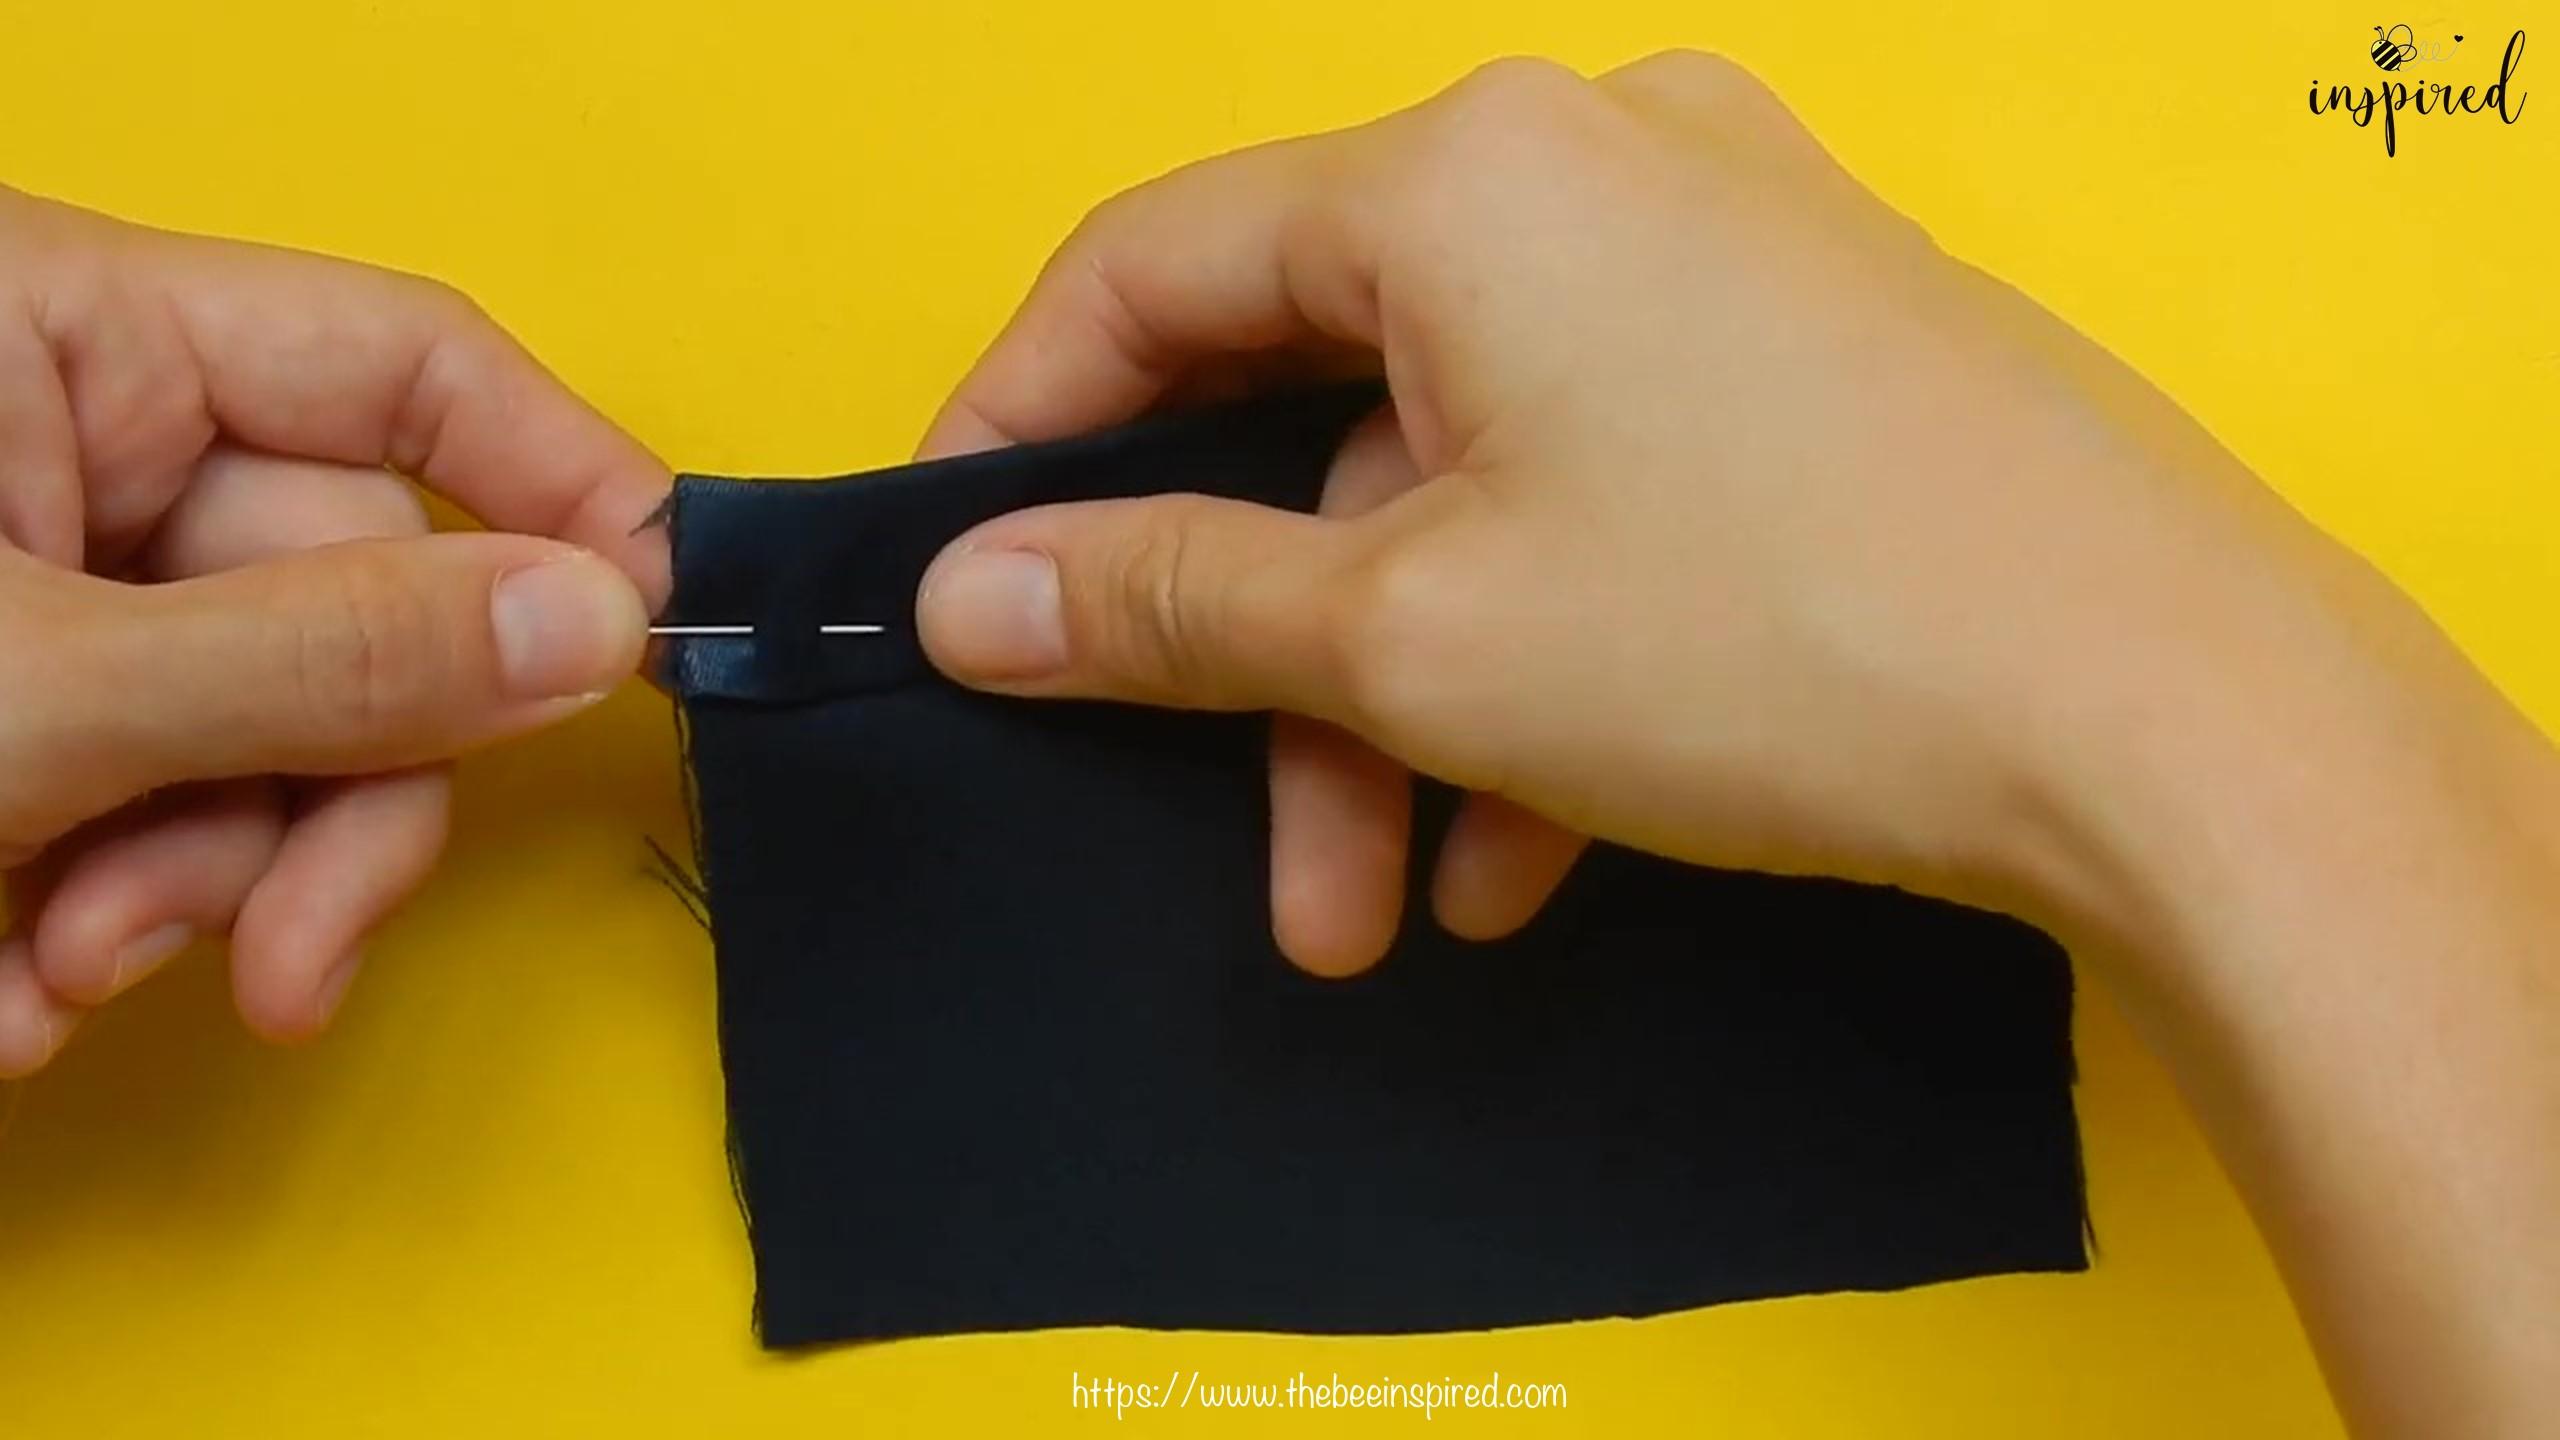 วิธีการเนาผ้า (How to Sew a Basting Stitch)_1